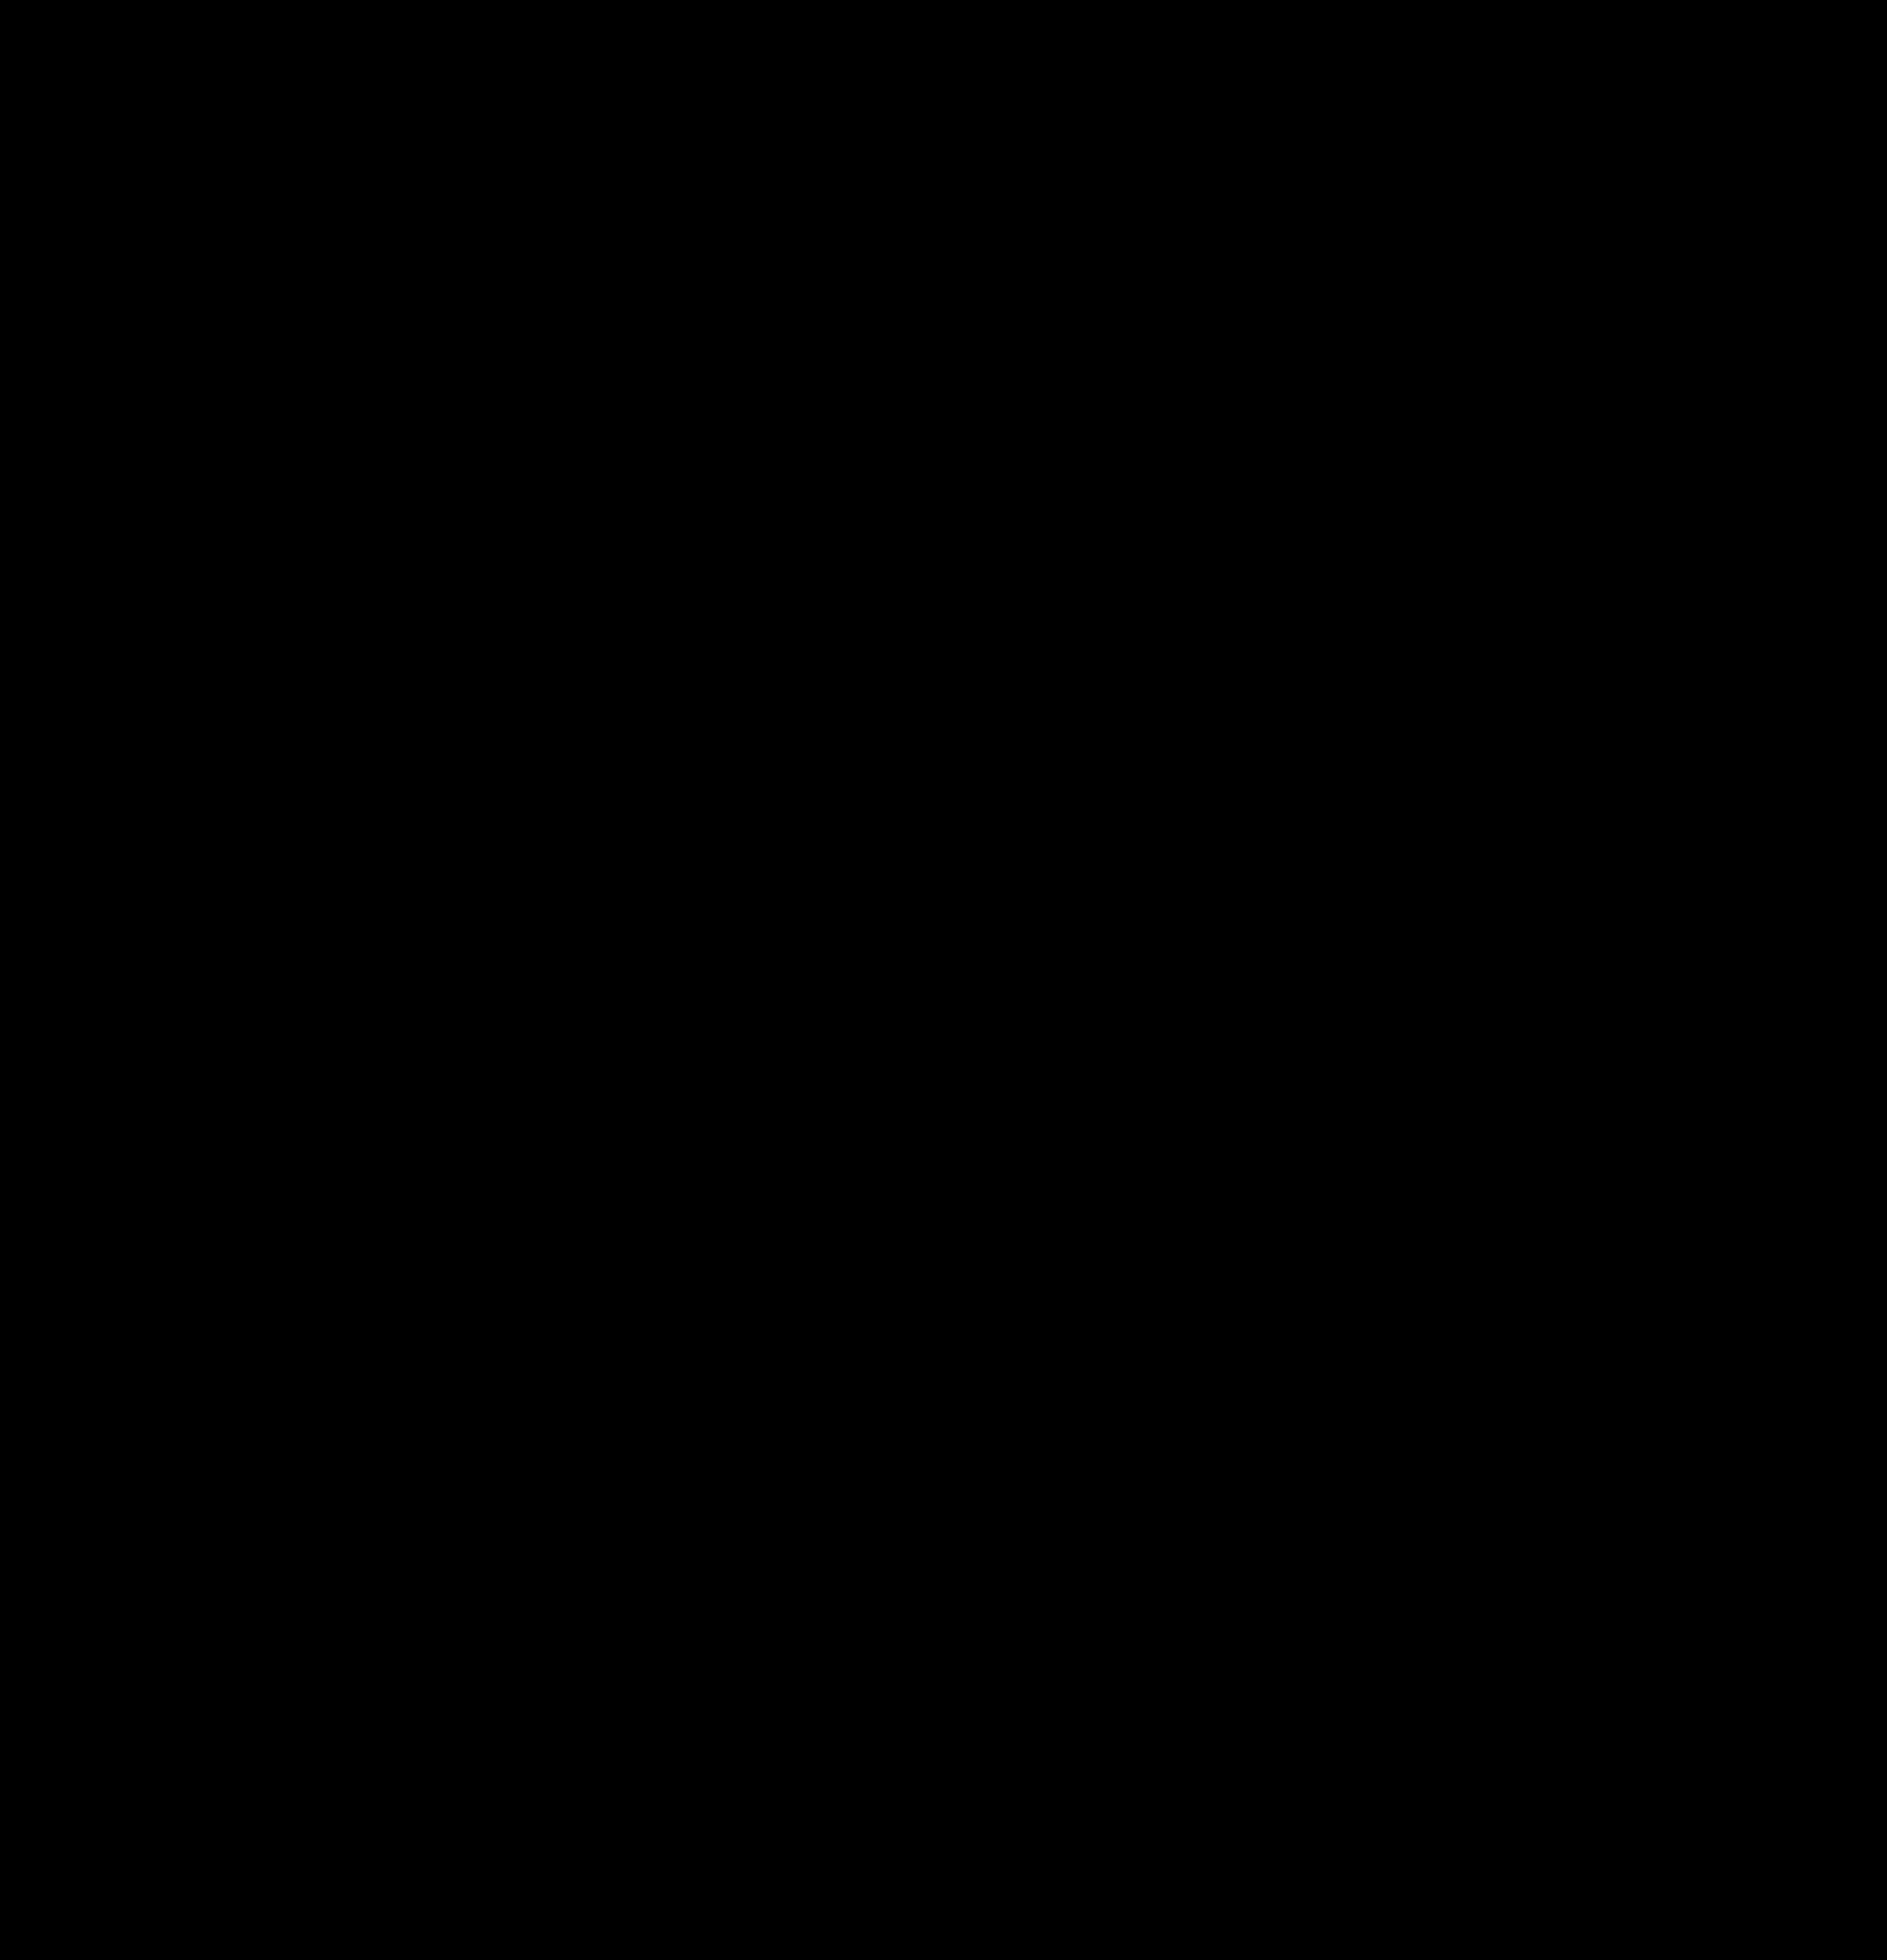 Dragon silhouette clip art 2